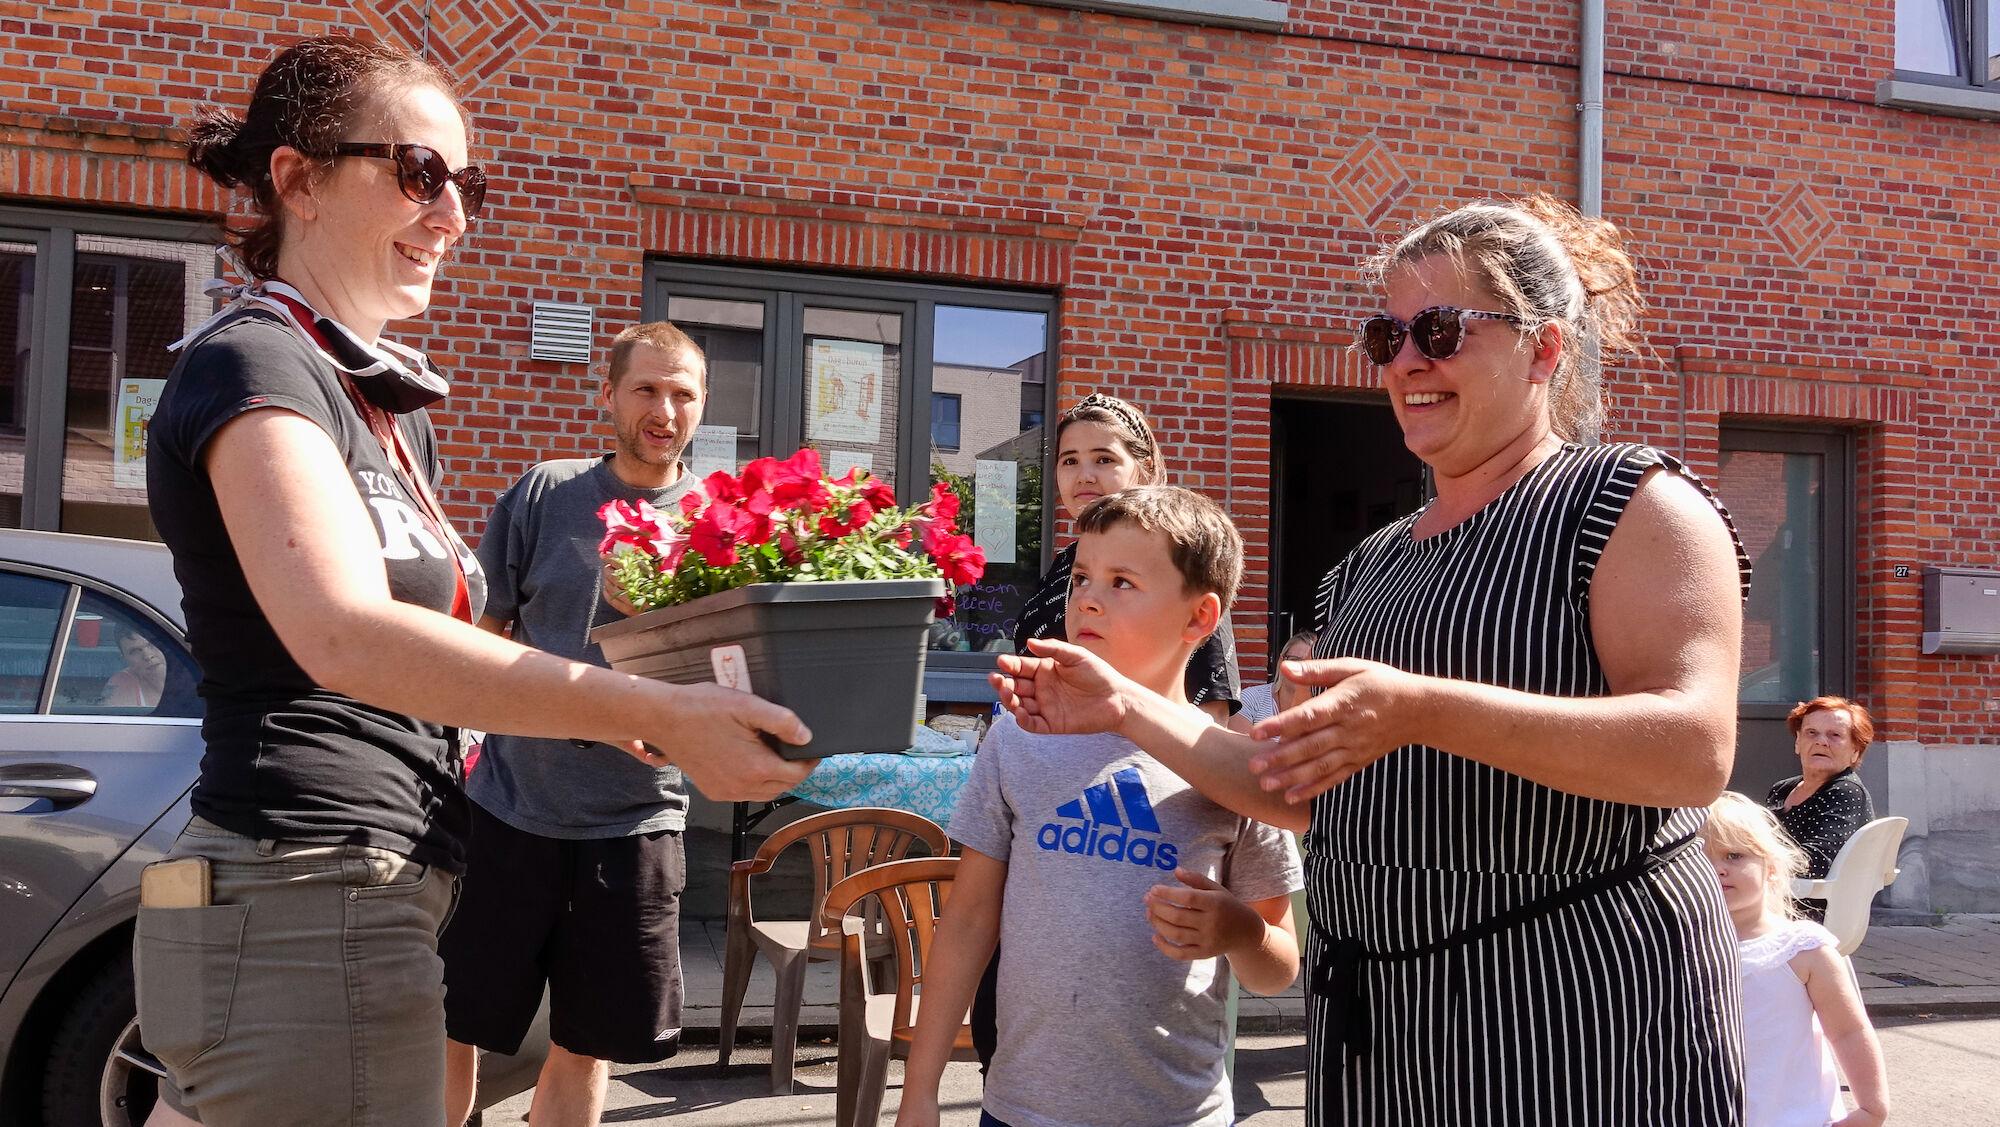 2020-05-29 Ledeberg_Dag van de Buren_bloemen__DSC0426.jpg